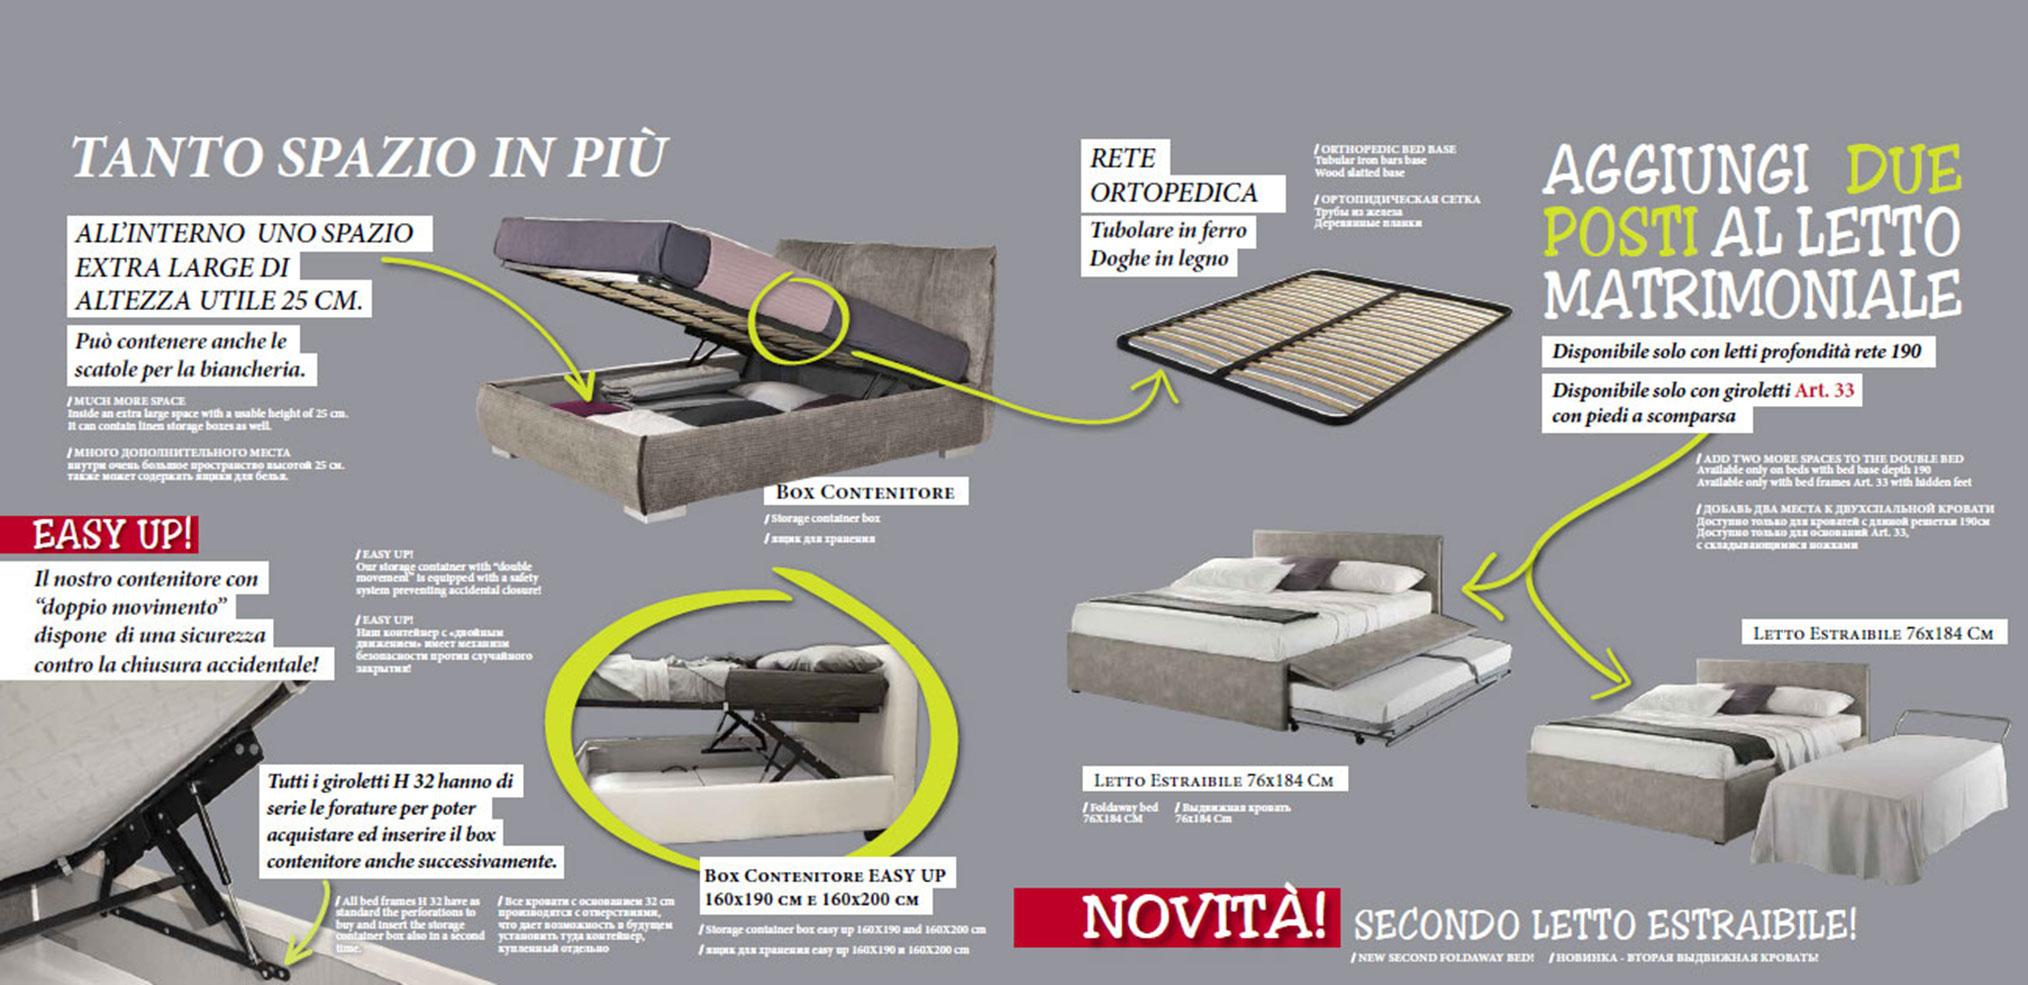 secondo-letto